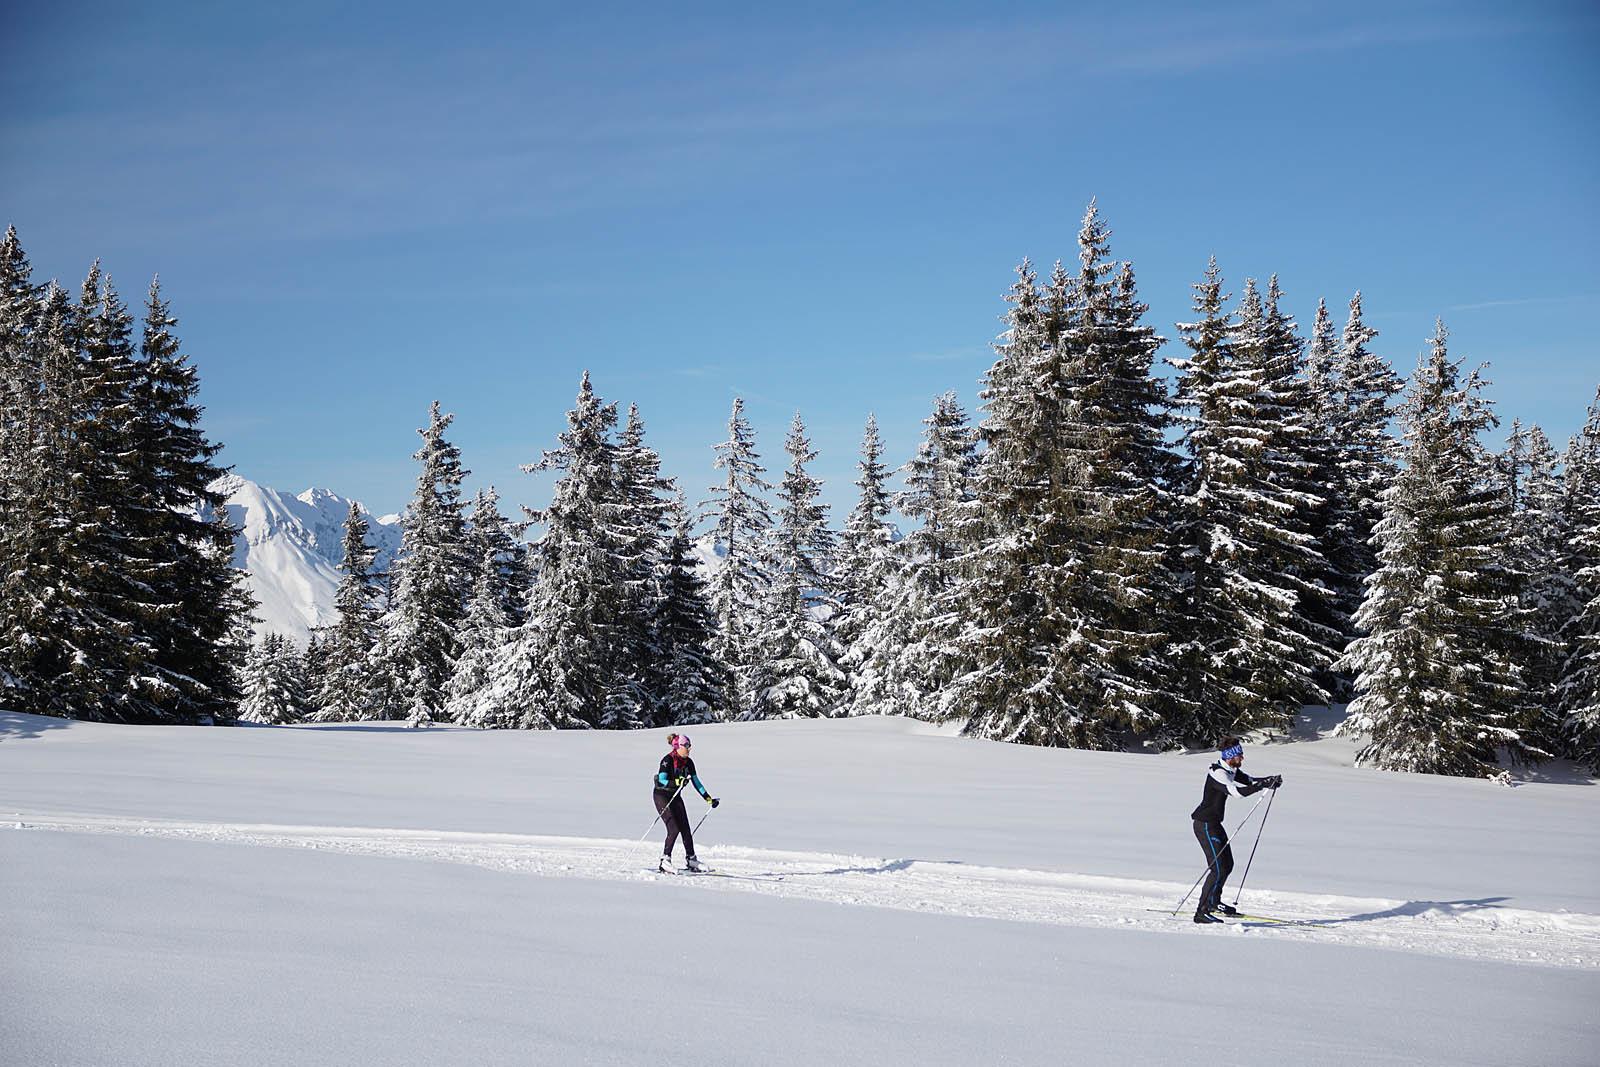 Pour votre séjour au ski dans les Alpes, choisissez un gîte à Saint-Jean-de-la-Porte, en Savoie